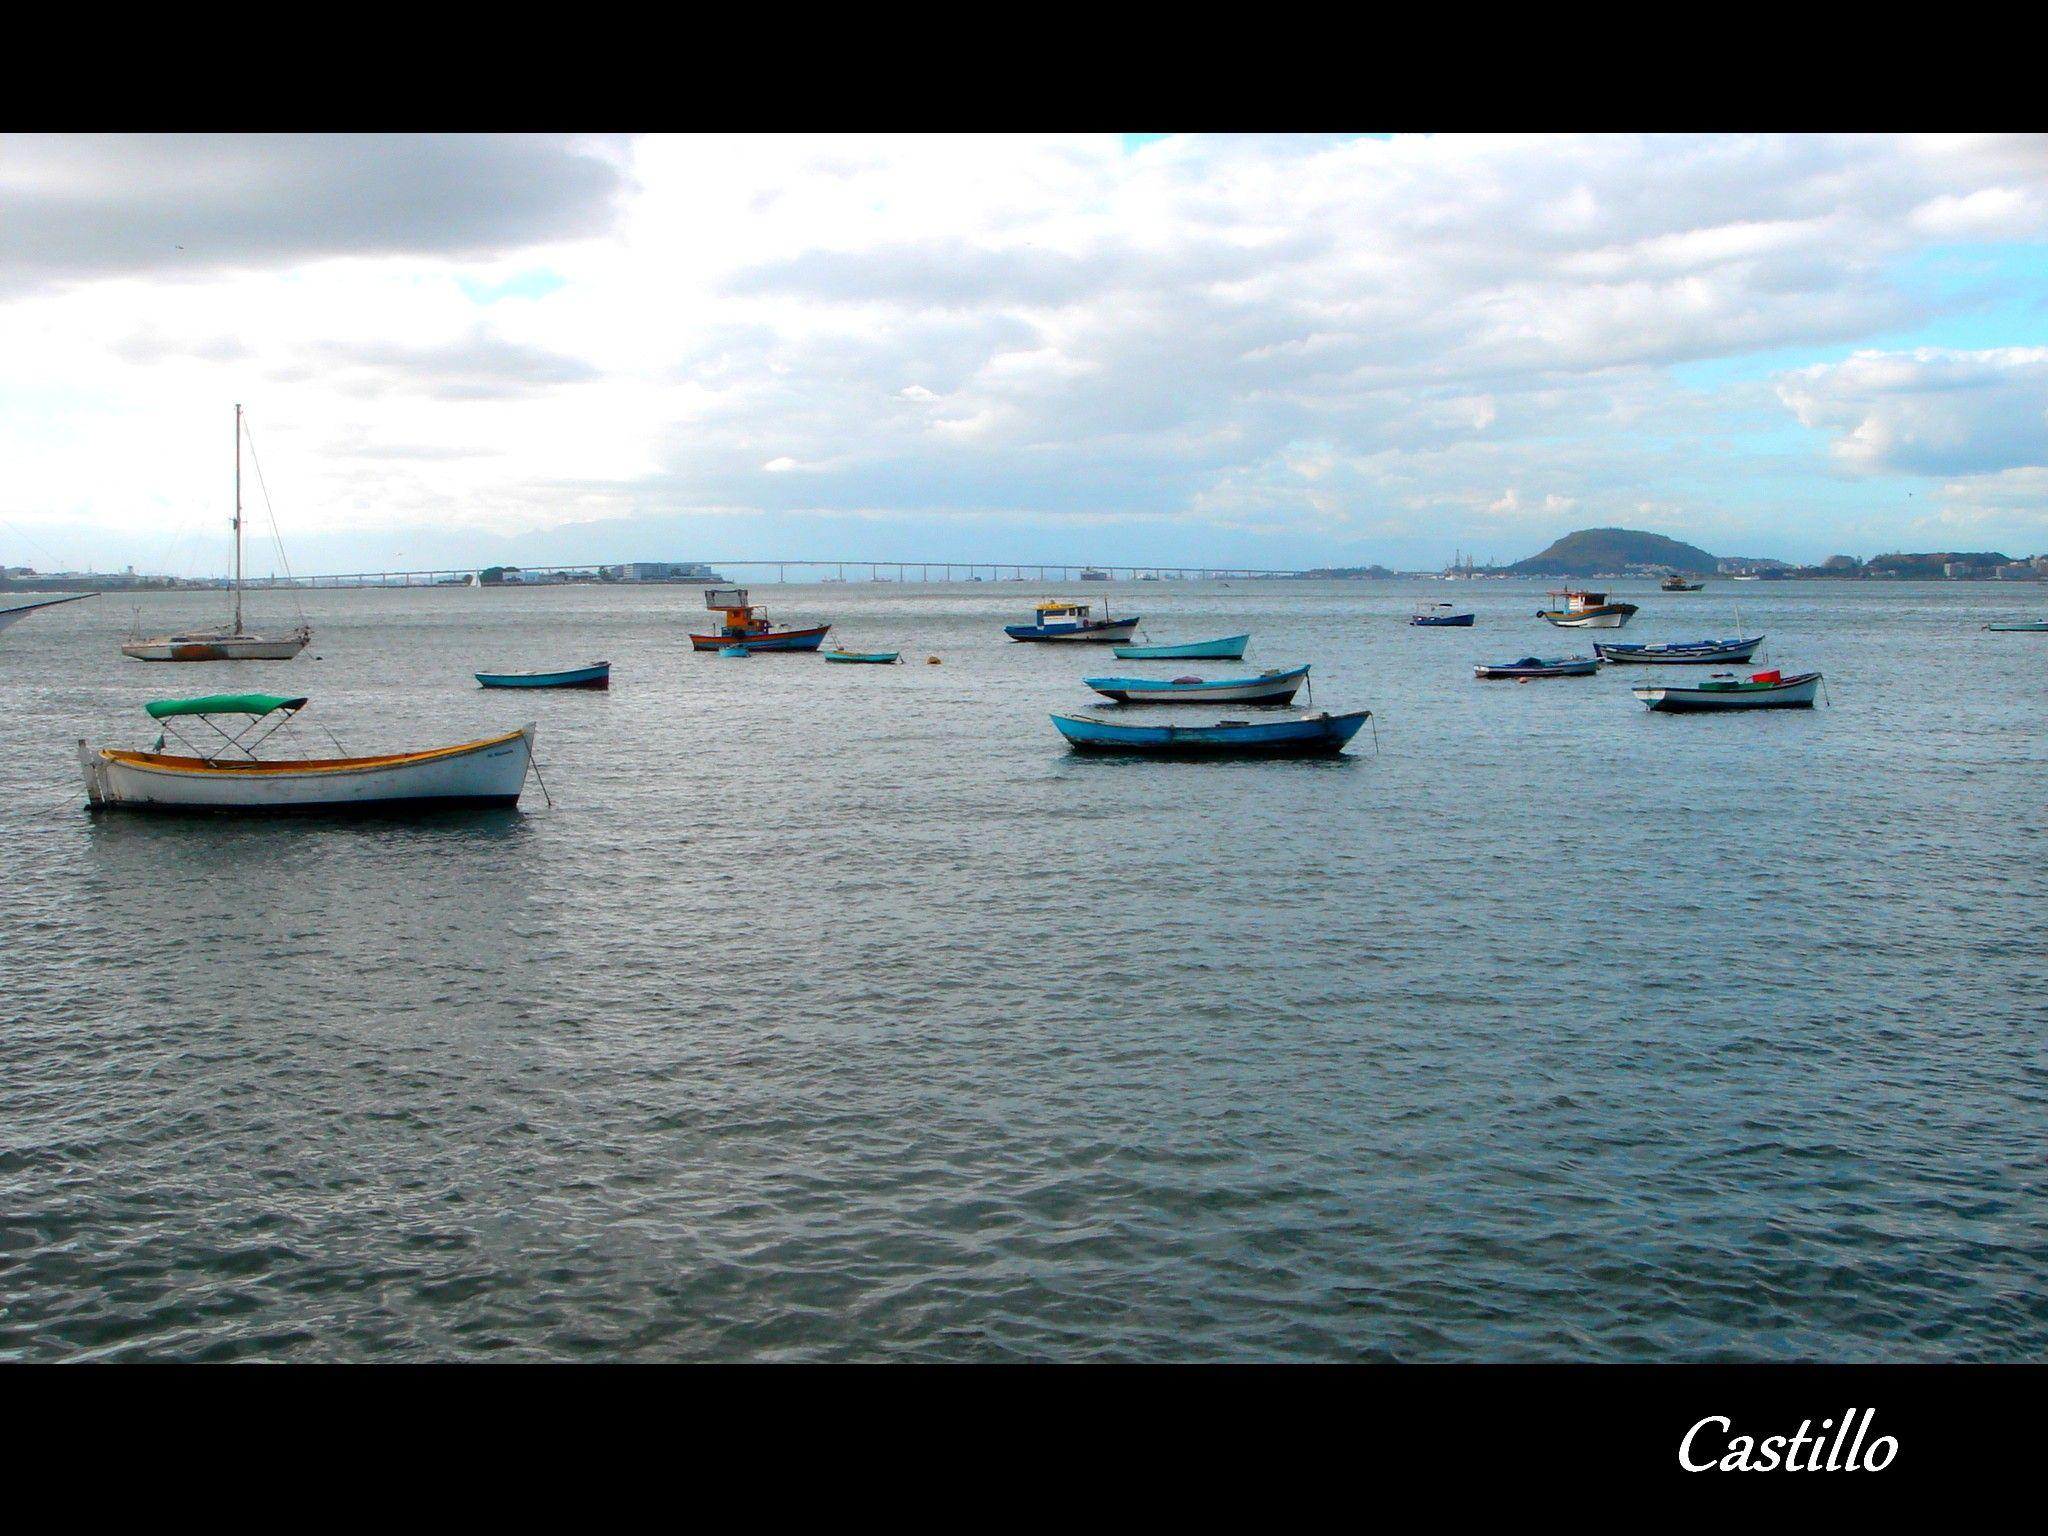 Boats - Rio de Janeiro (Brazil)